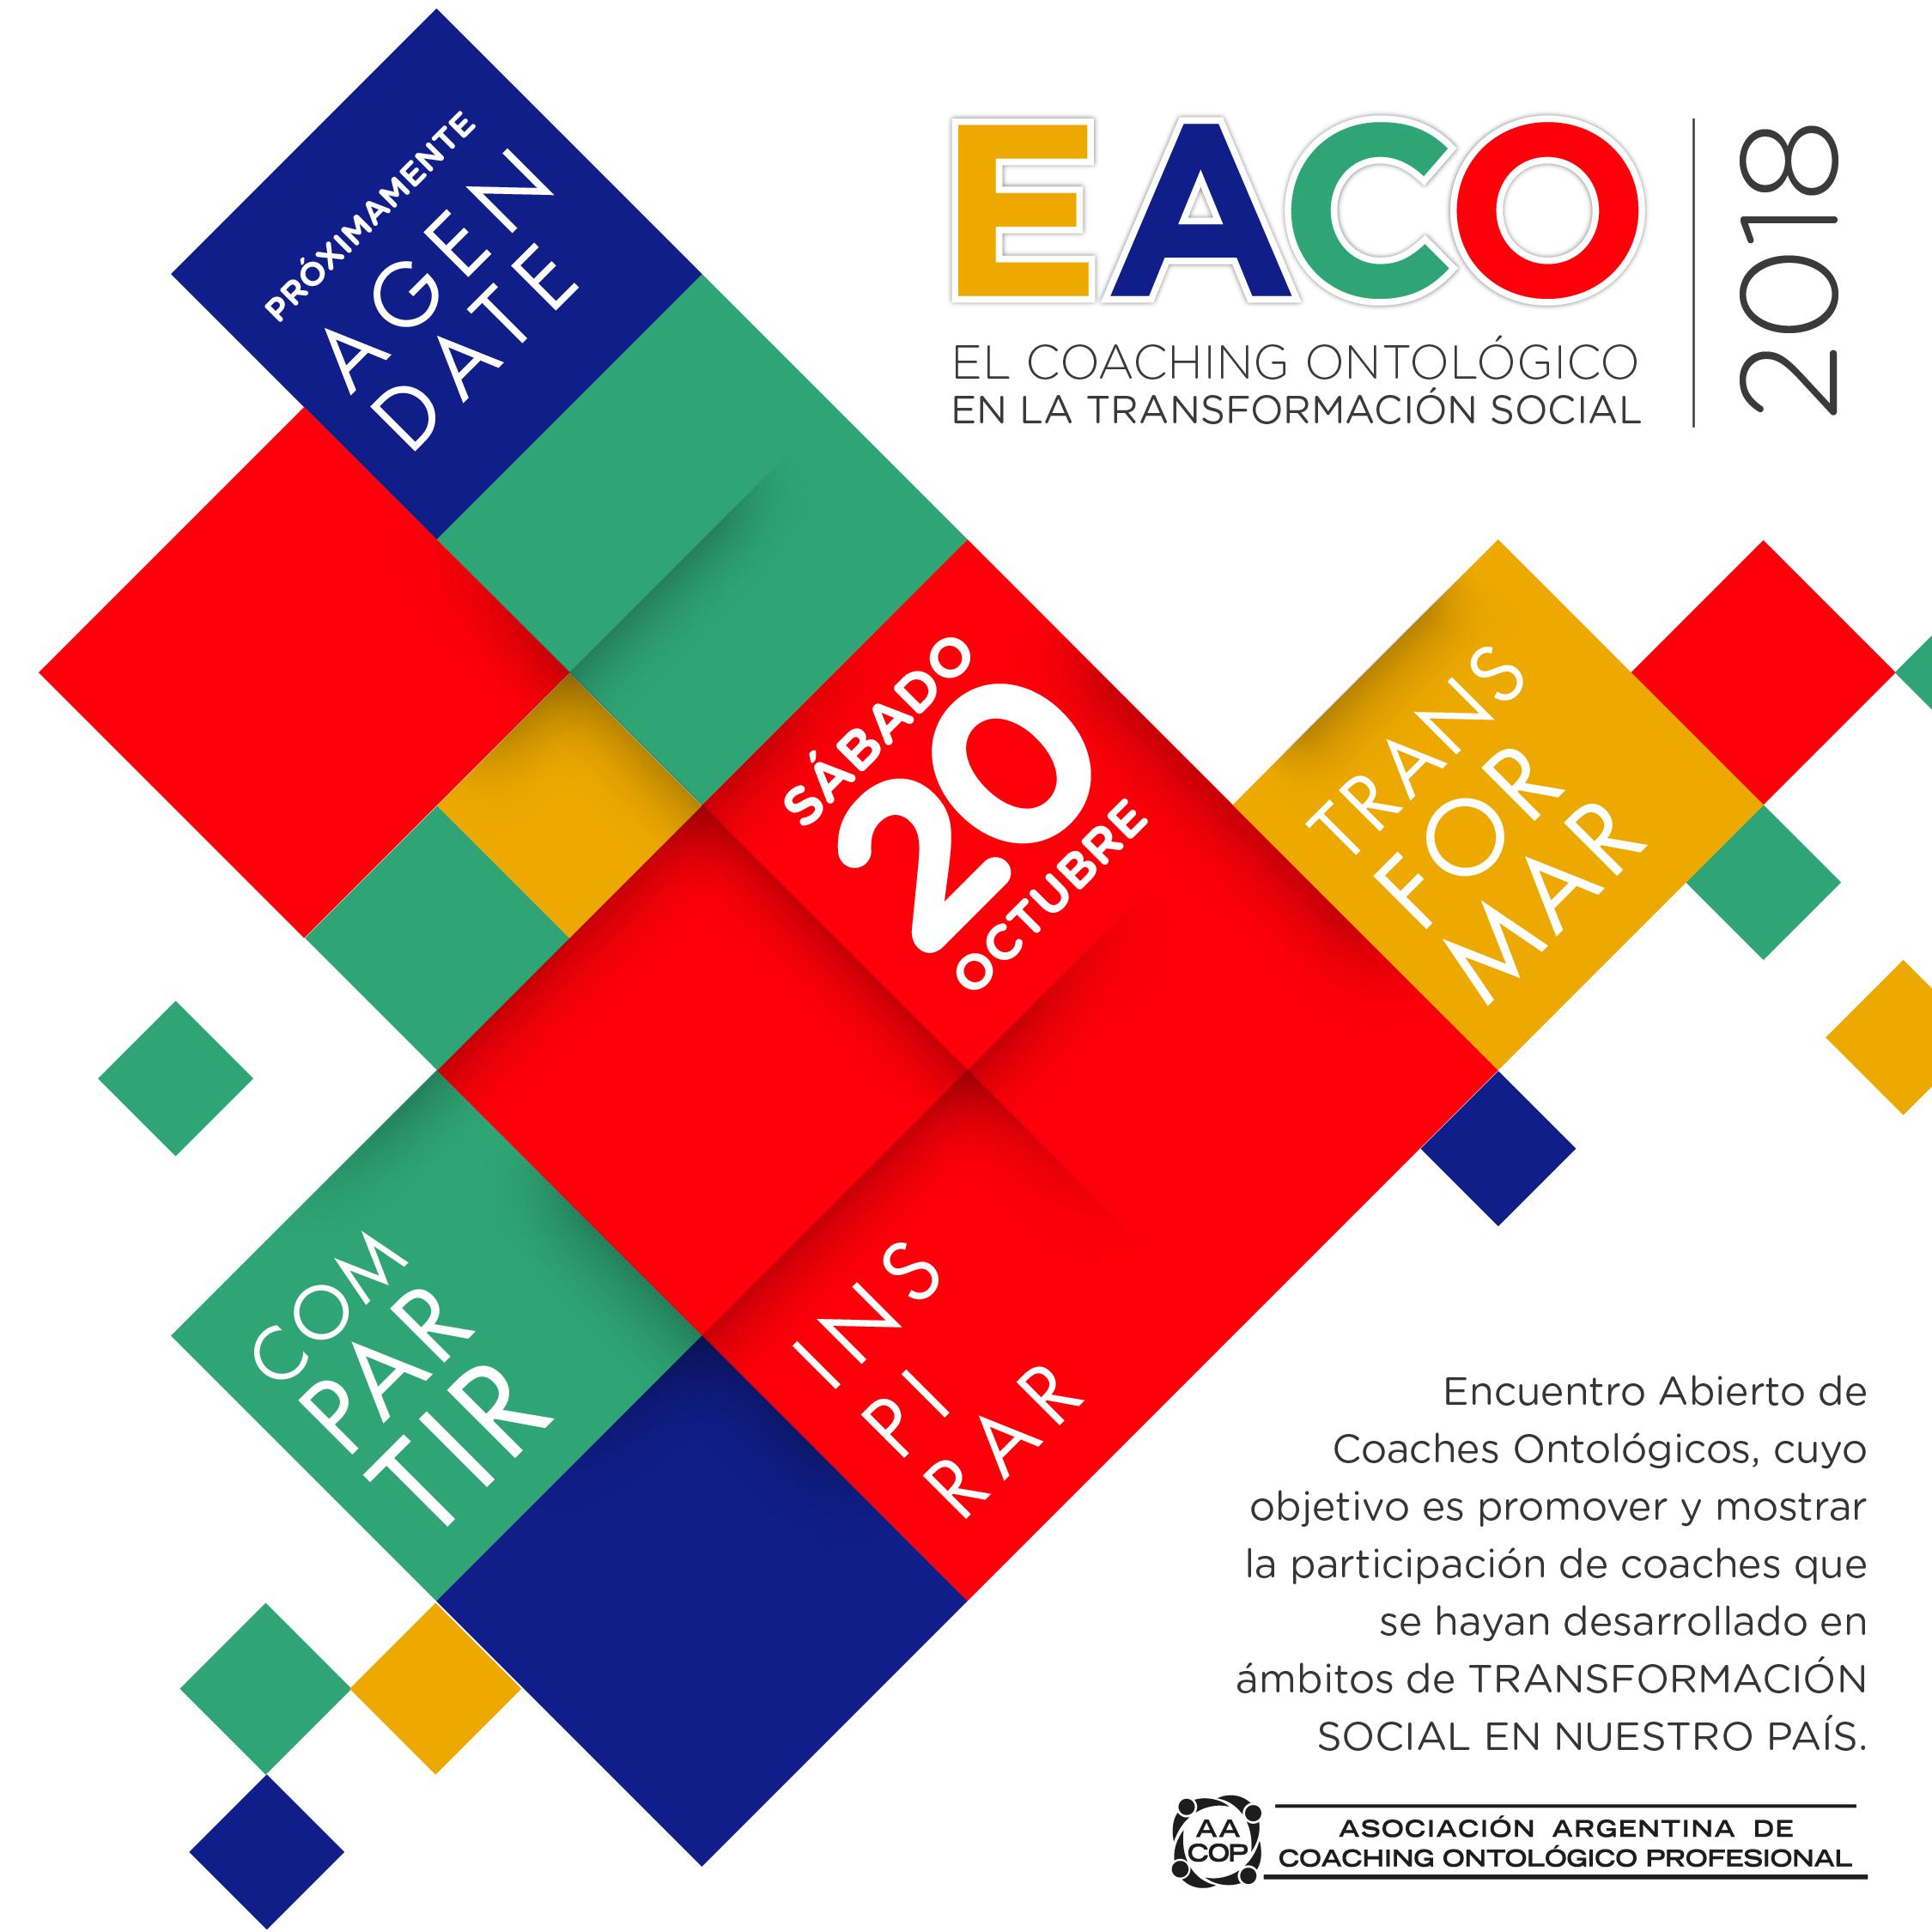 EACO 2018 | imagen